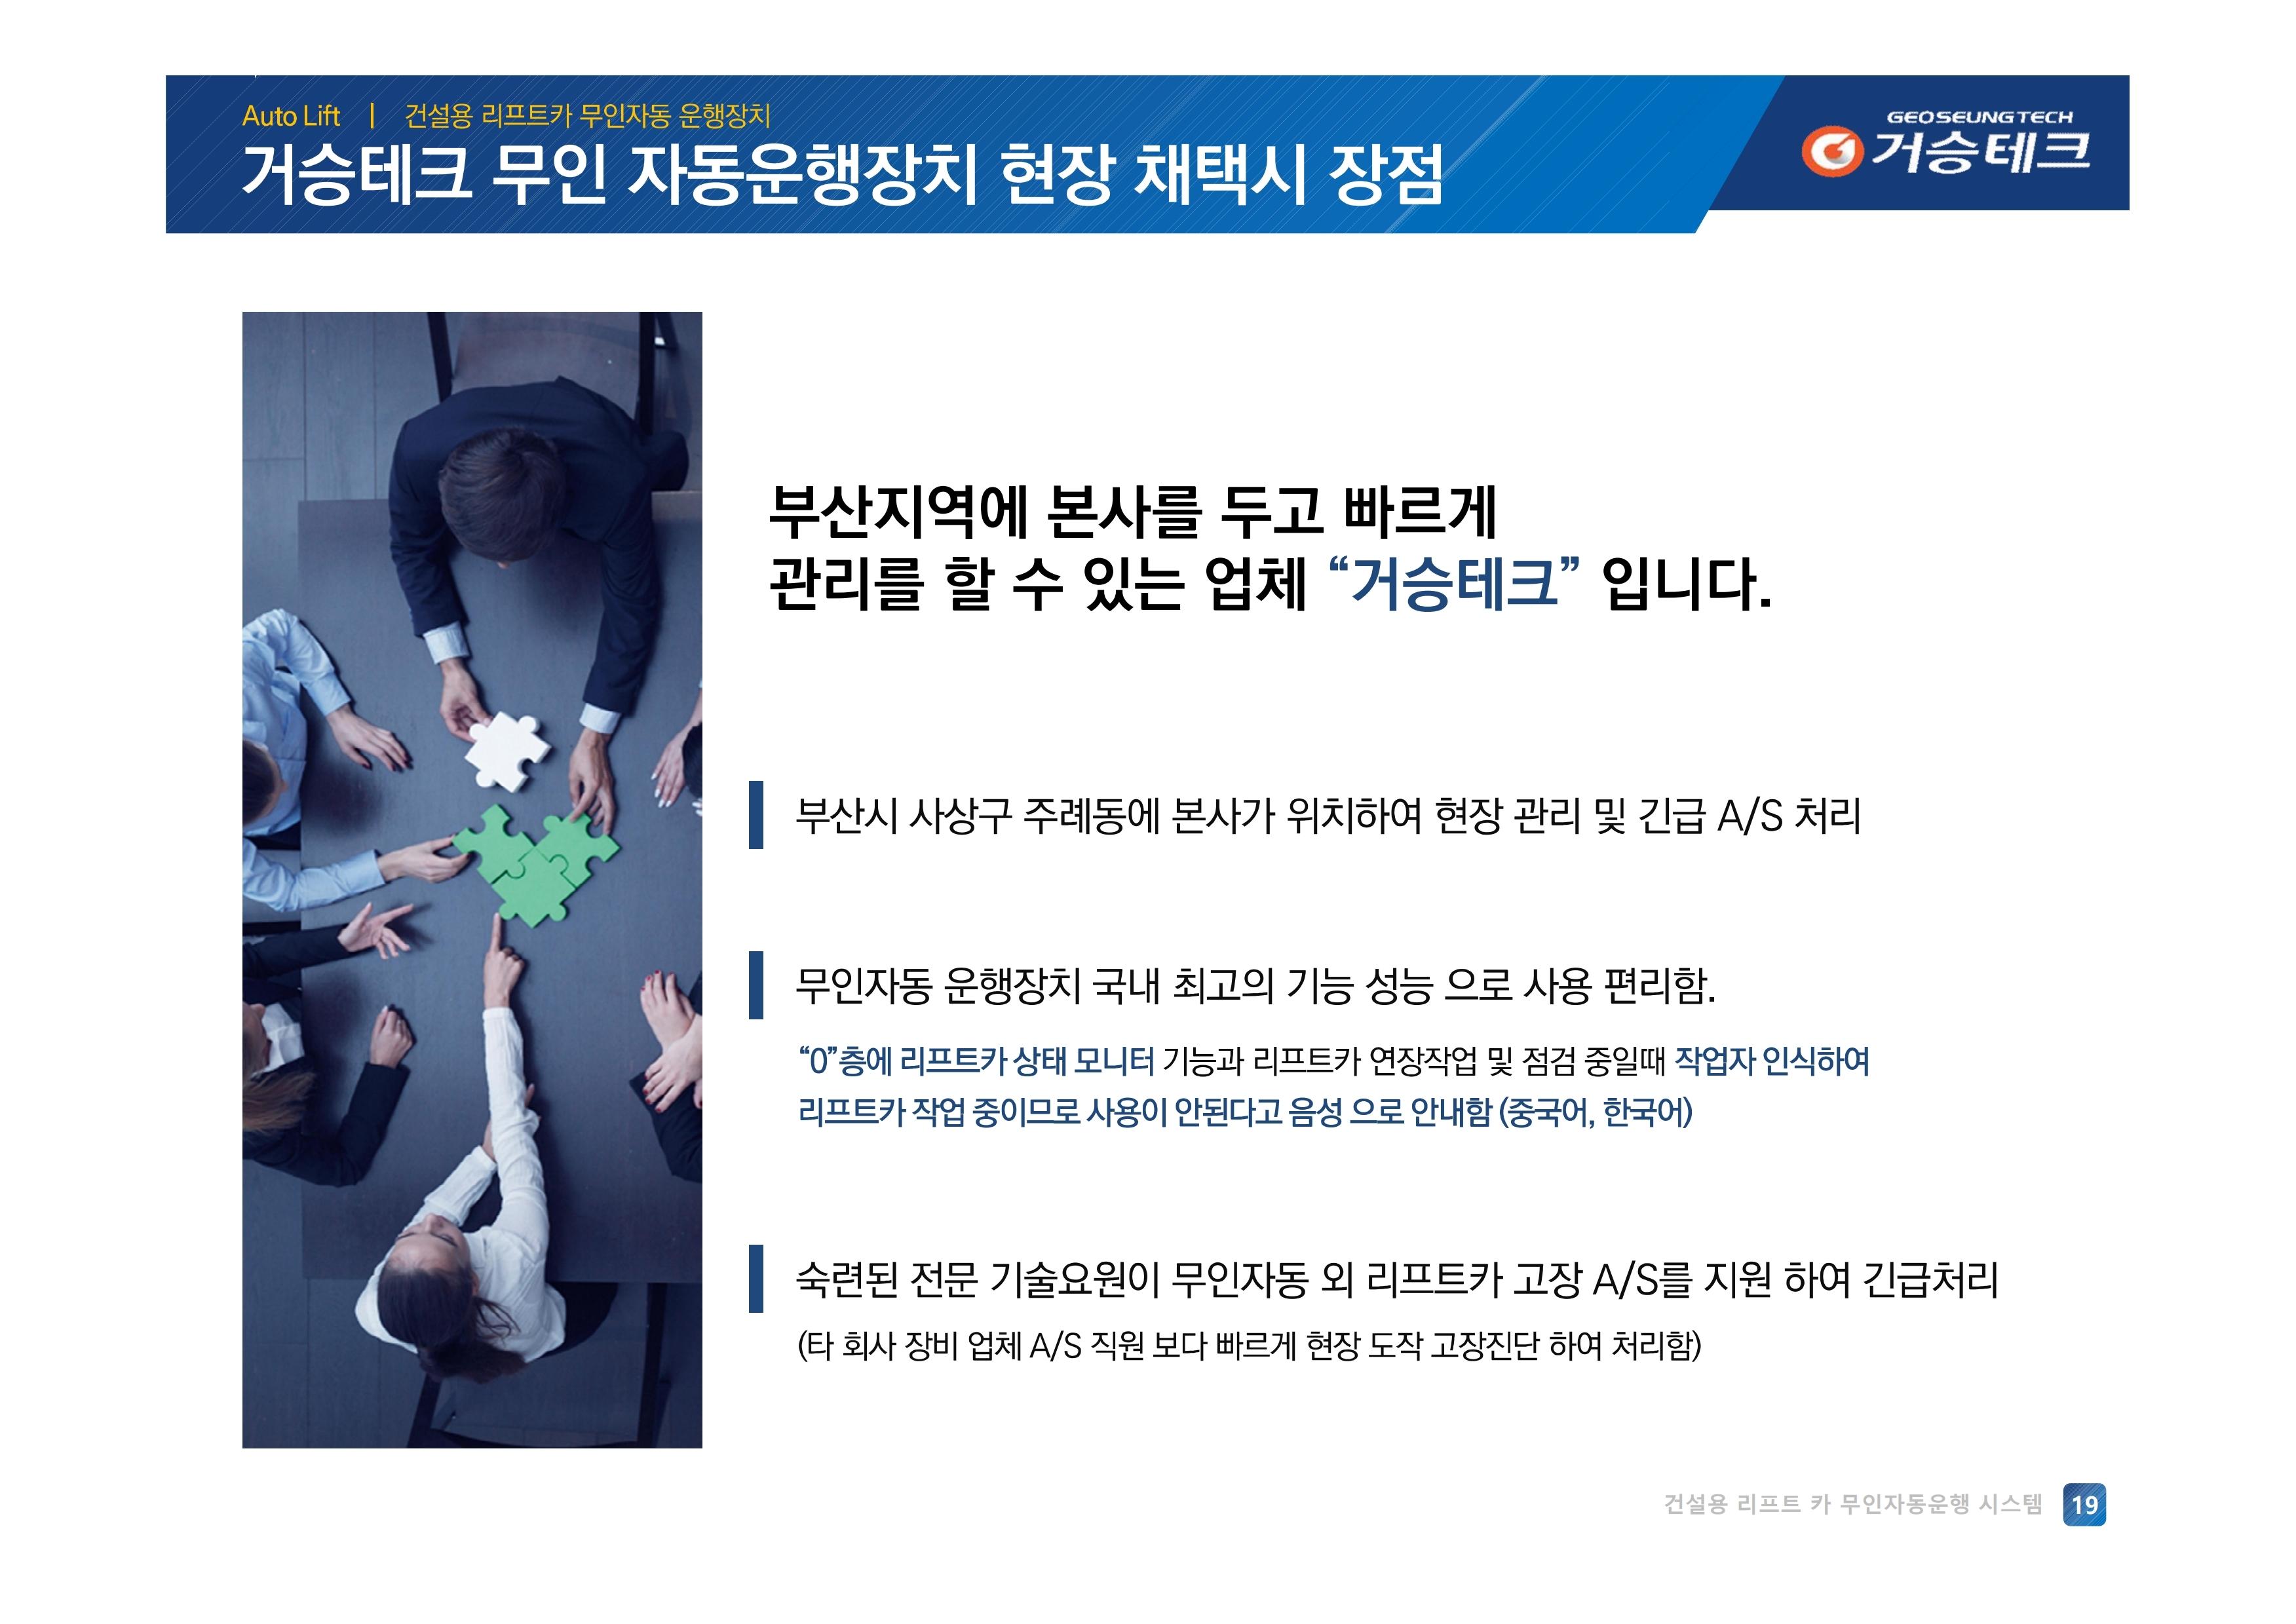 무인자동 (거승테크)-Rev01 (2020-07-22).pdf_page_19.jpg